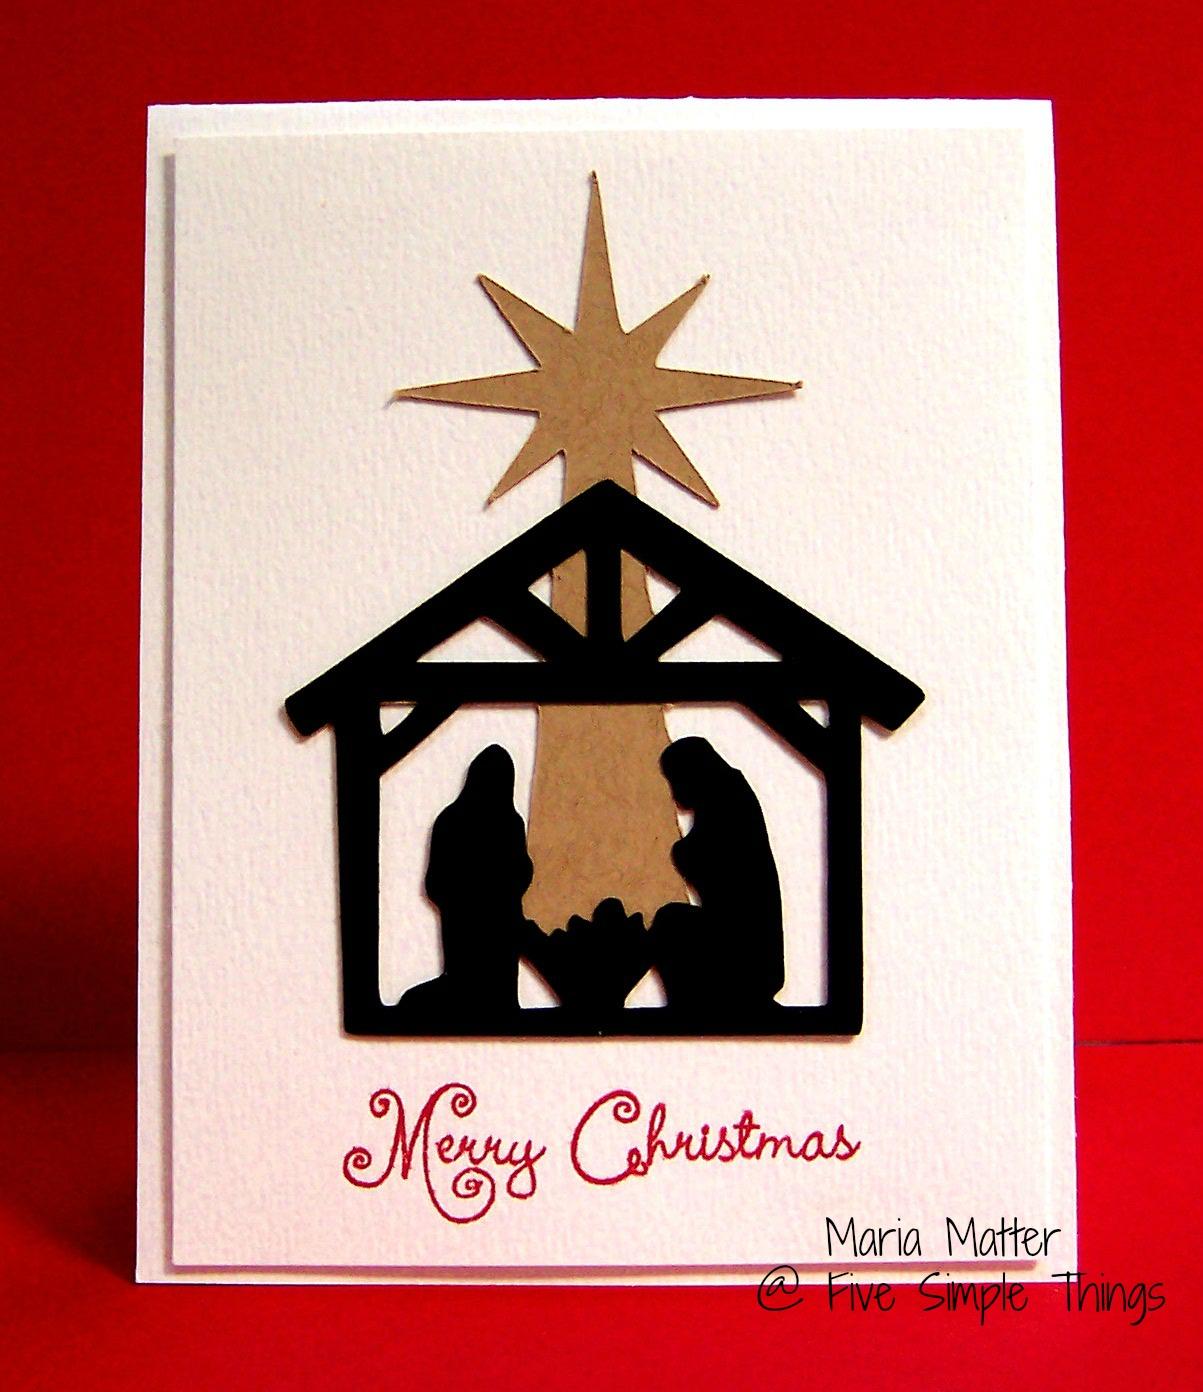 Five Simple Things: Christmas Cardmaking